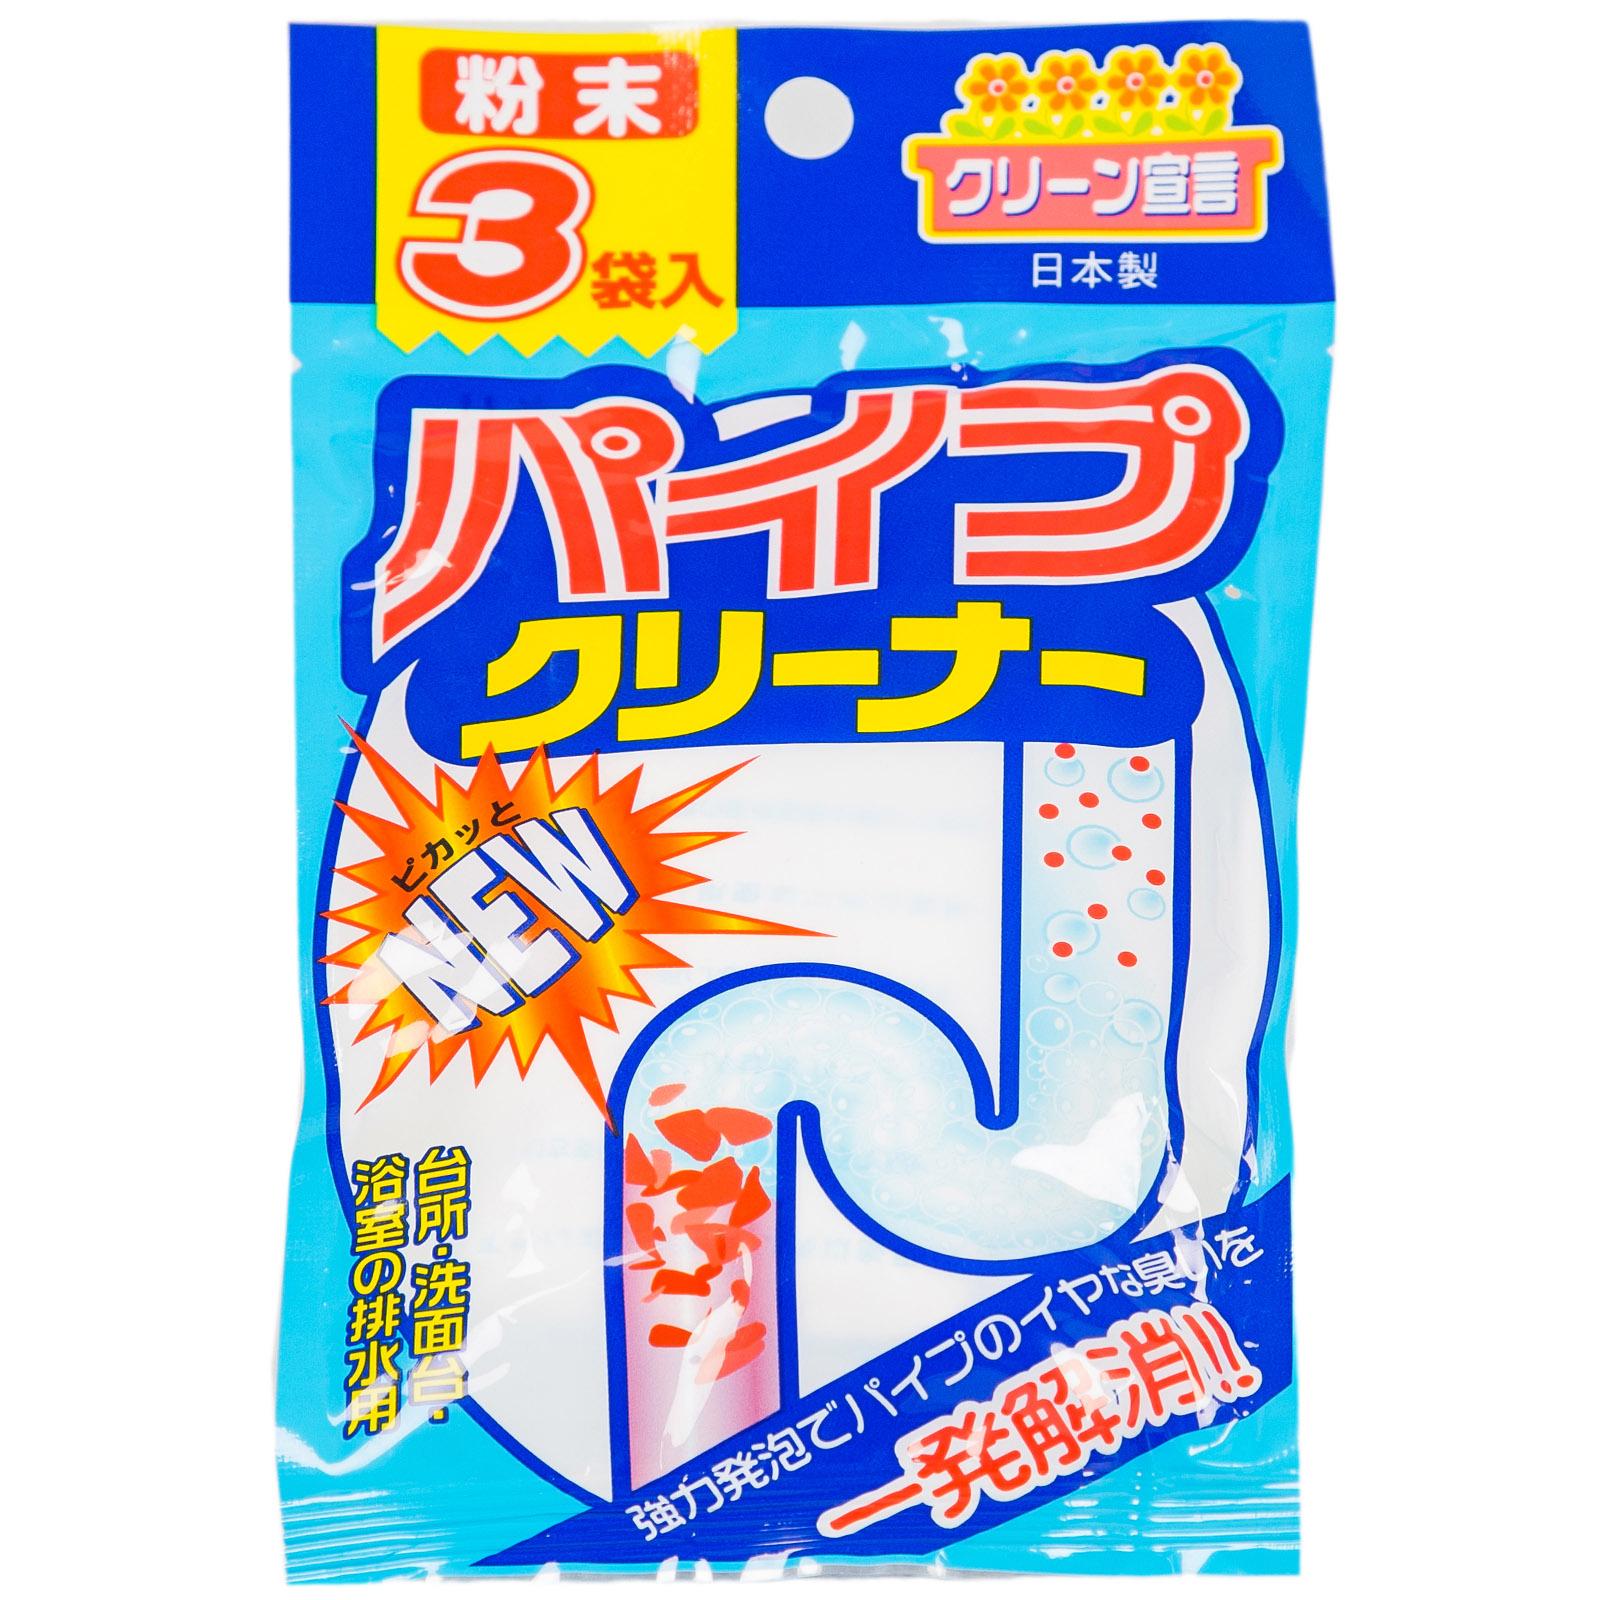 Средство для чистки труб Nagara 20 гр х 3 пакетика<br>